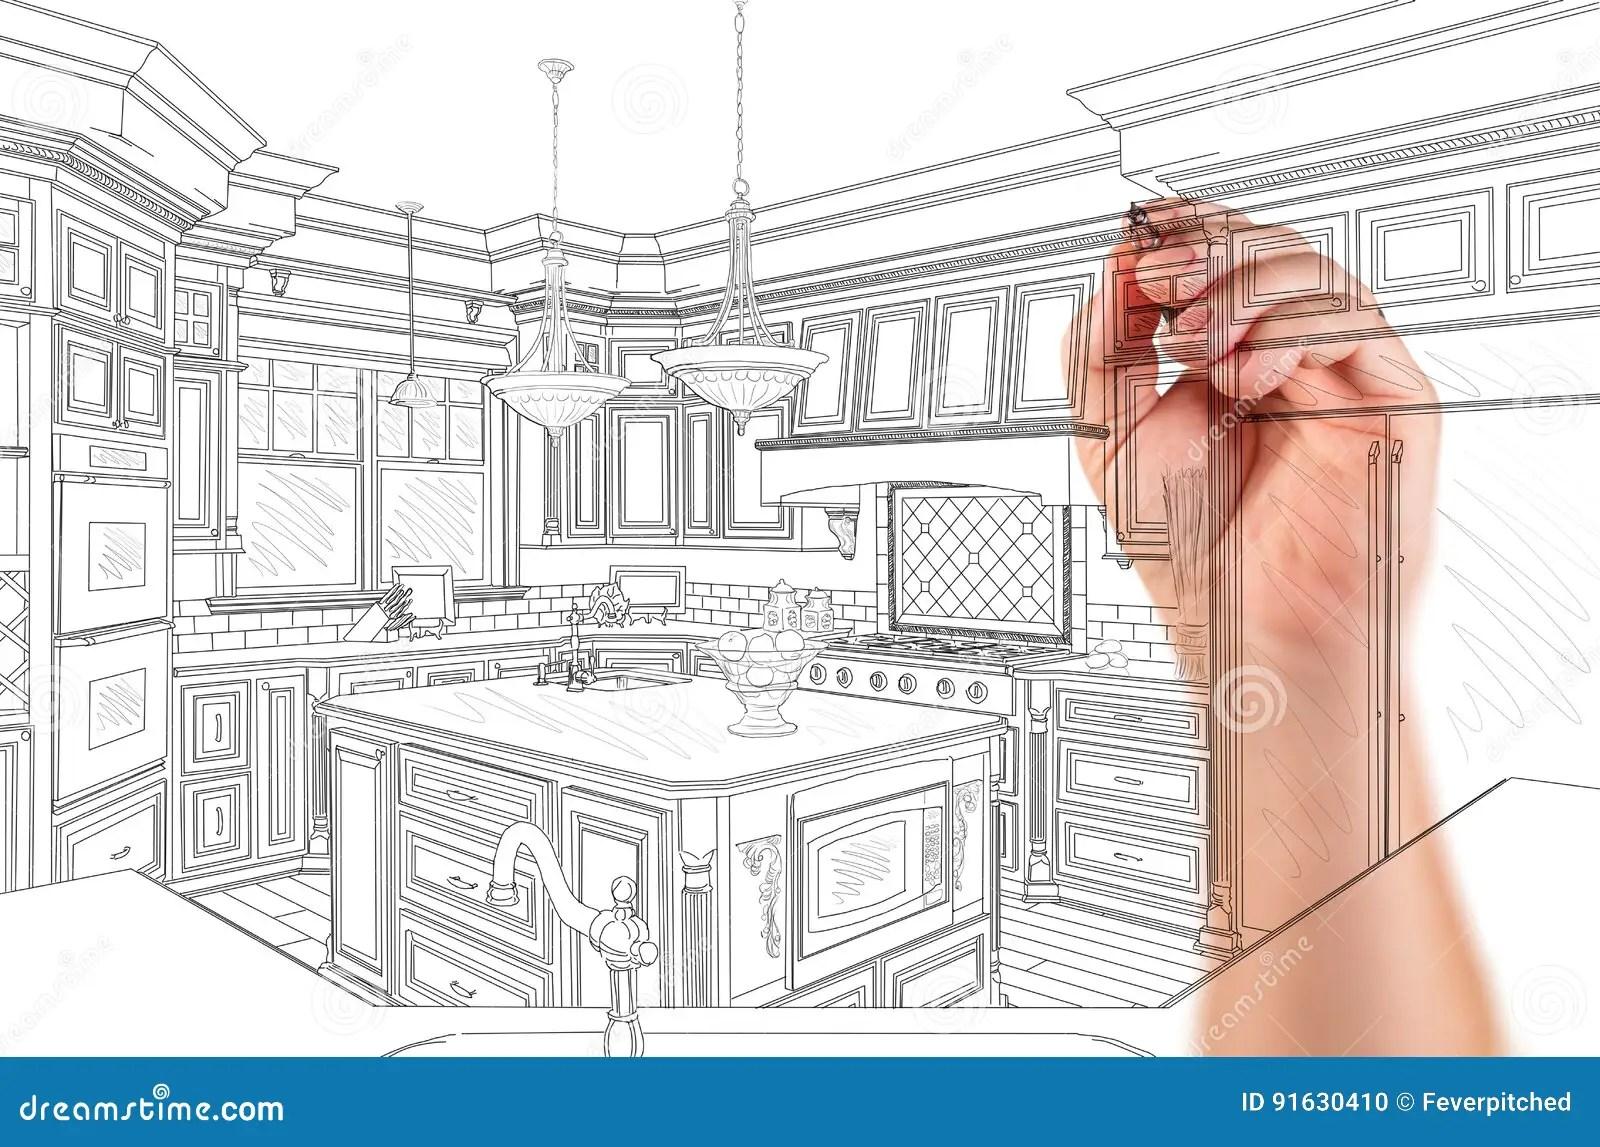 kitchen reno pull knobs for cabinets 建筑师习惯厨房设计图画细节的手库存照片 图片包括有厨房 你自己 建筑 建筑师习惯厨房设计图画细节的手